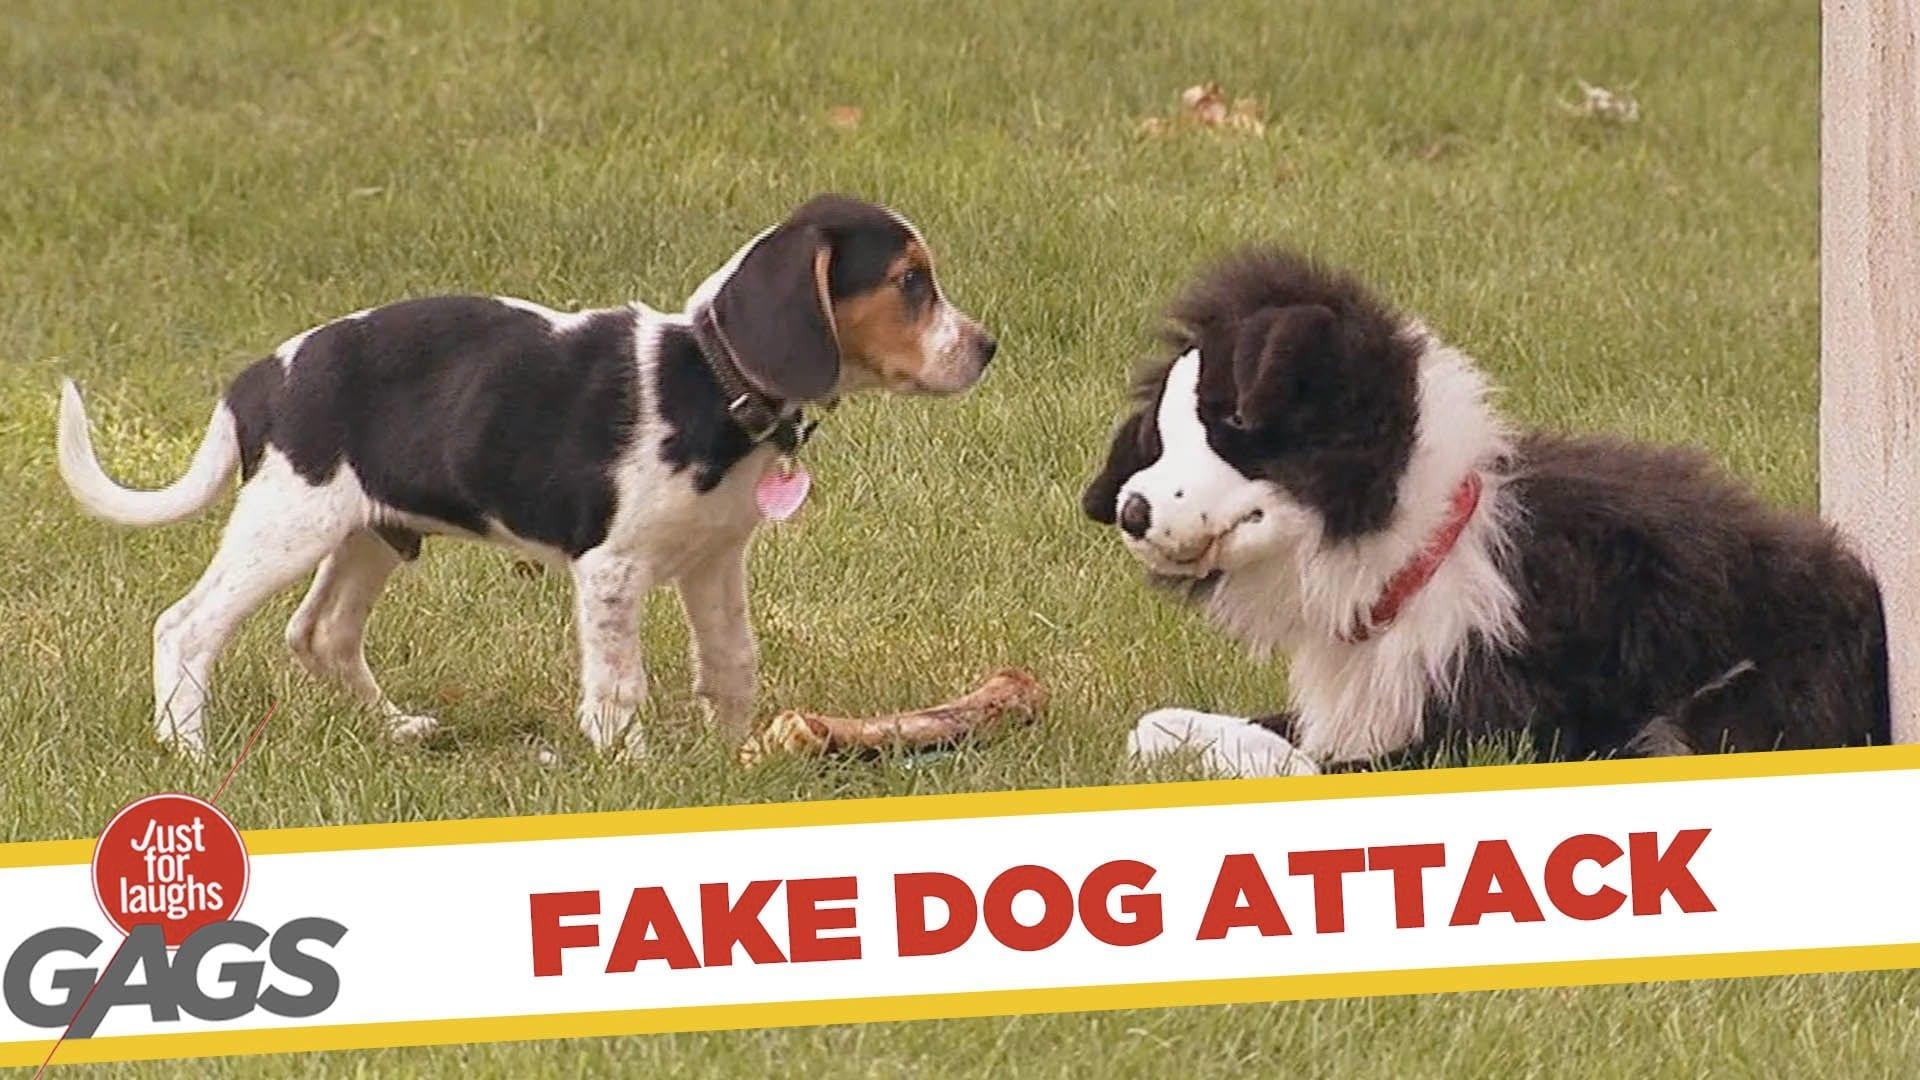 fake dog